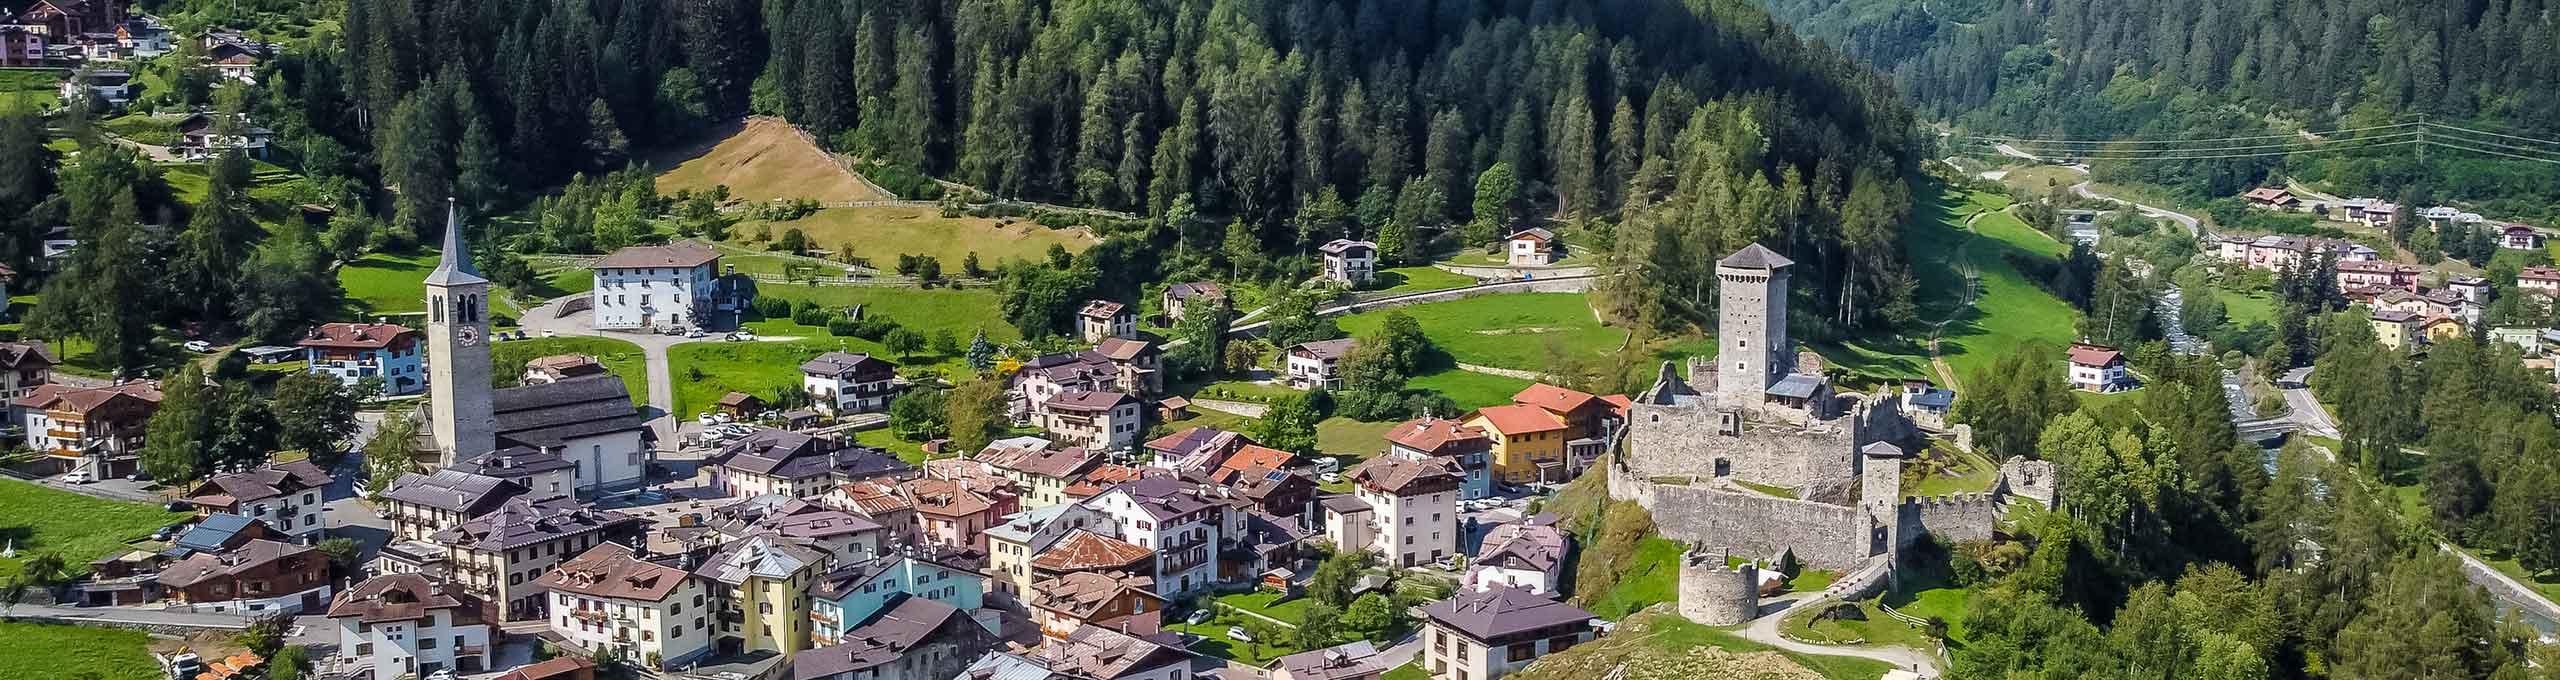 Vista aerea del villaggio di Ossana, sulla destra il Castello di San Michele